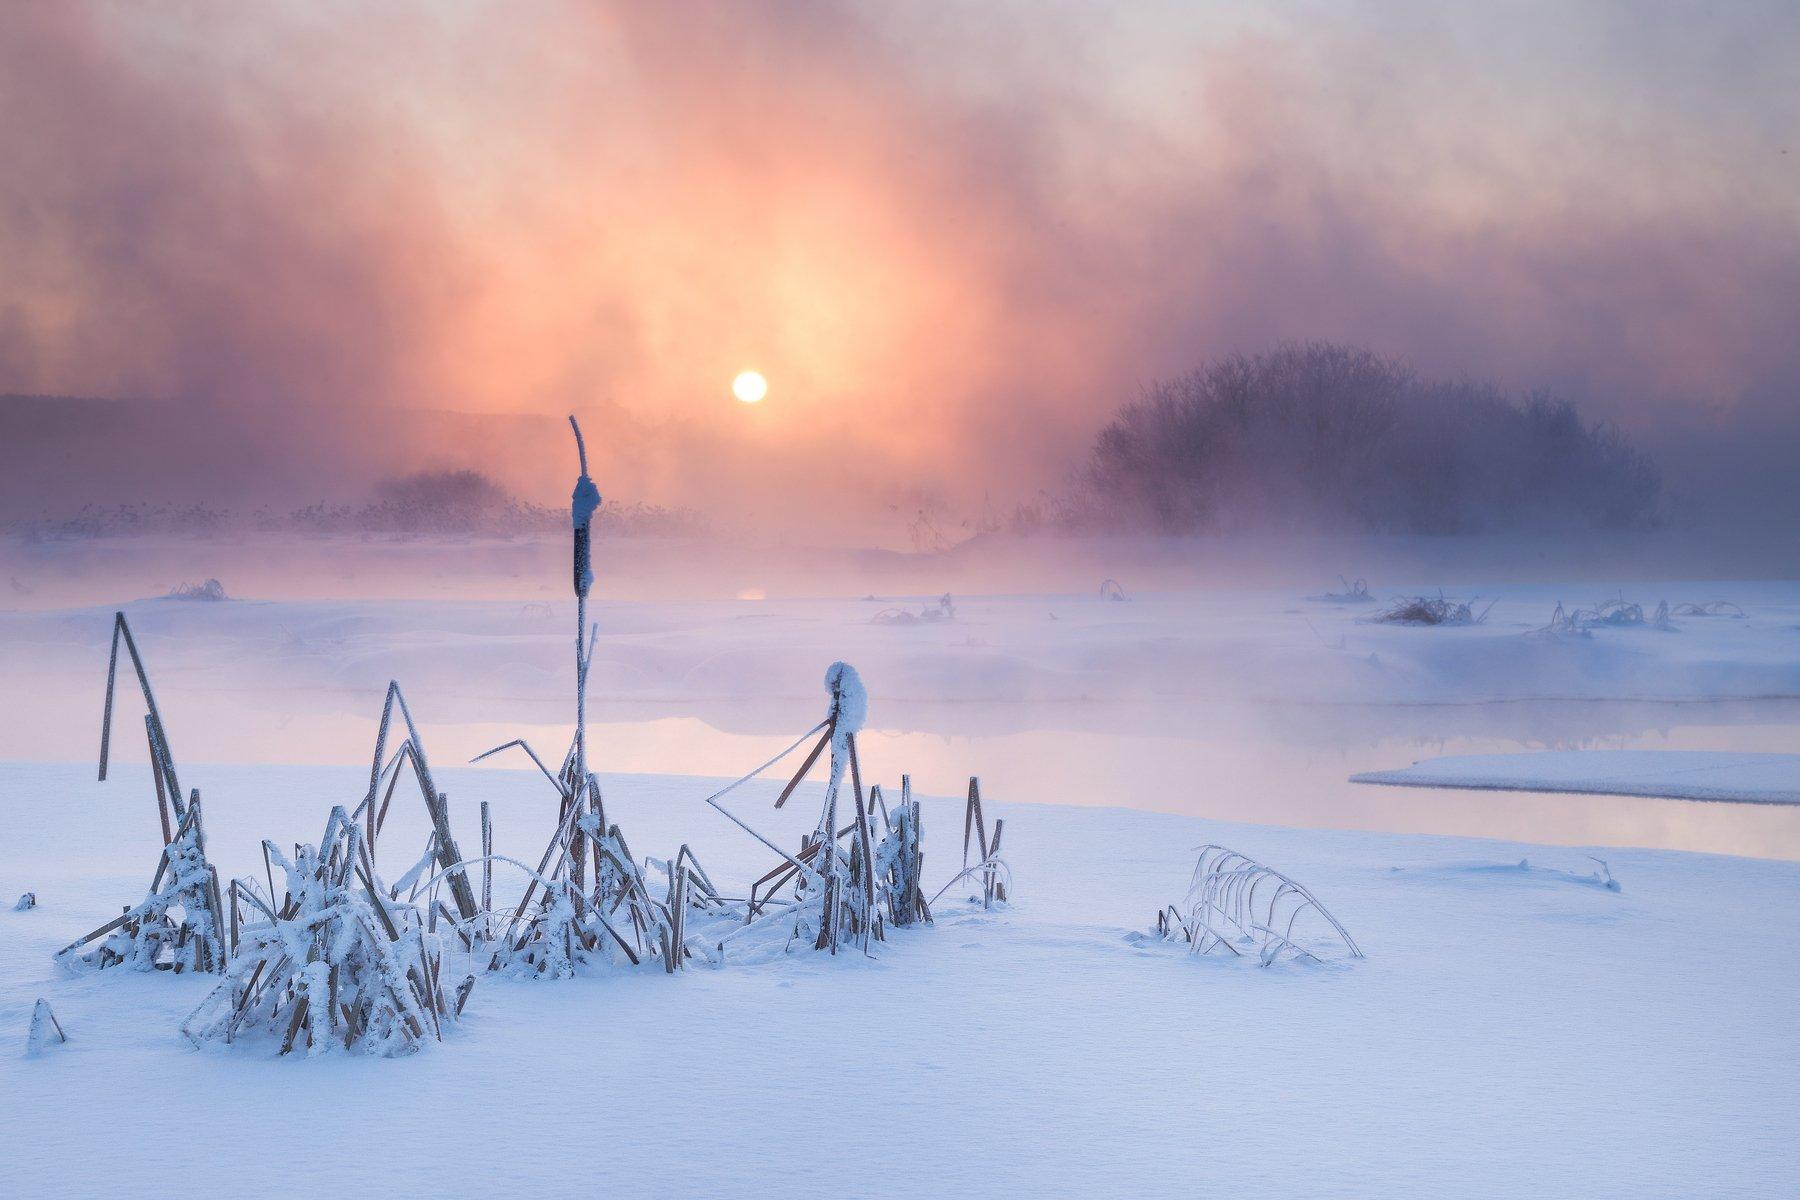 арамиль, урал, свердловская область, восход, закат, зима, пар, туман, свет, средний урал, река, исеть, Сергей Гарифуллин